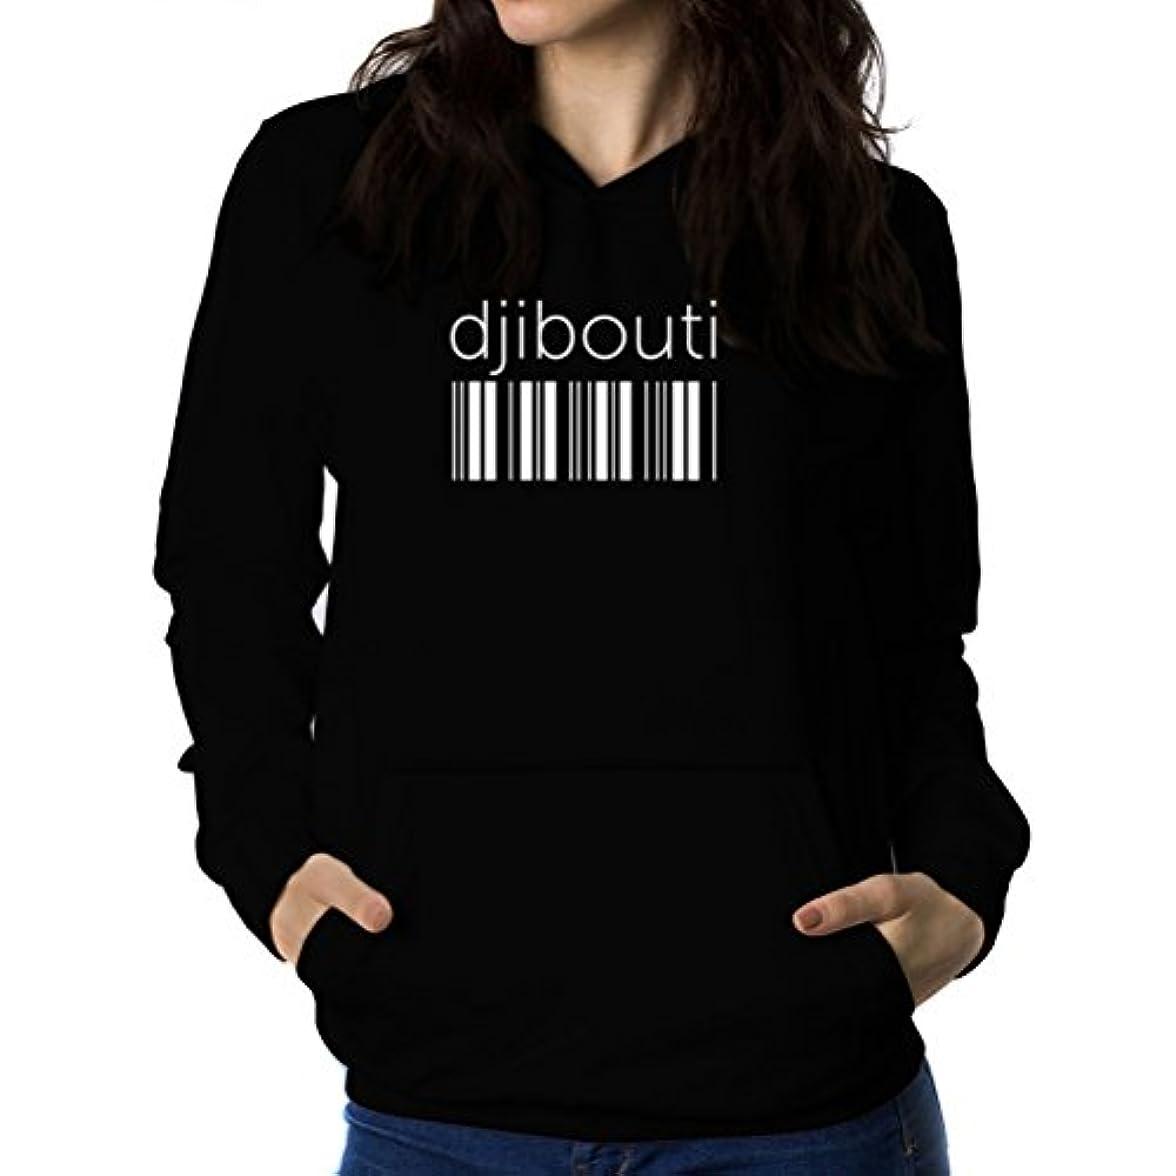 散らす人物七面鳥Djibouti barcode 女性 フーディー